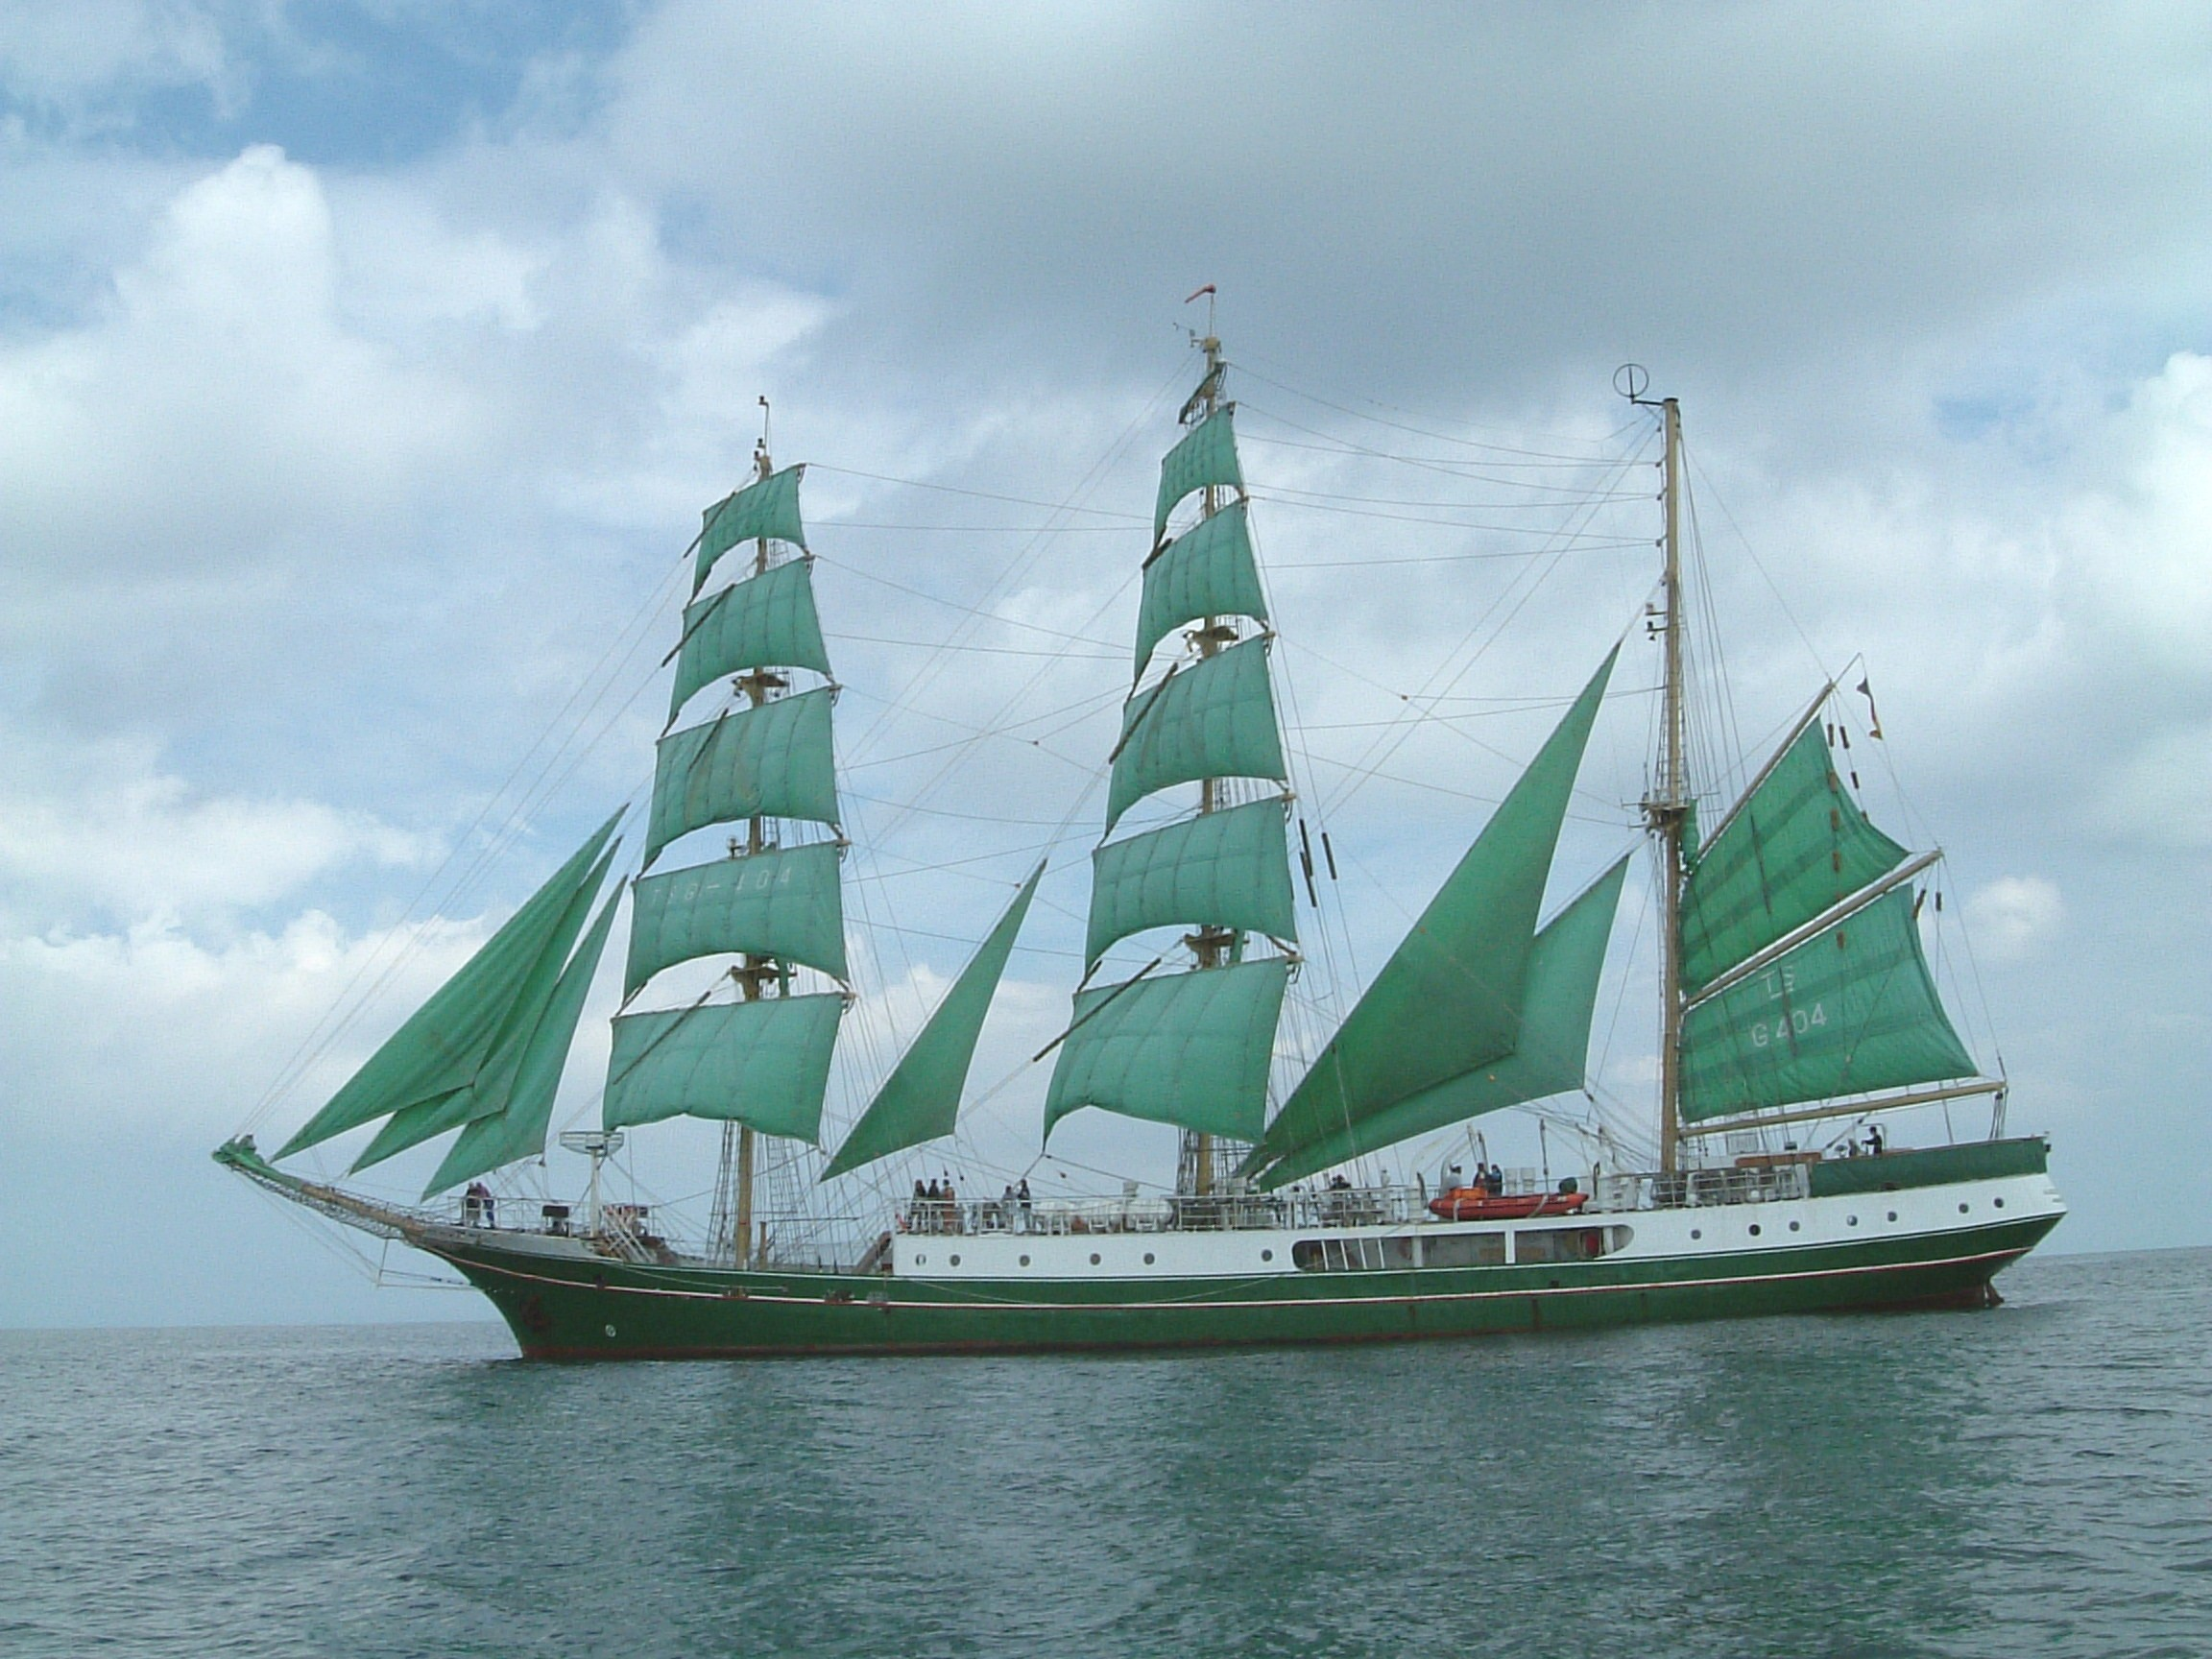 Alex_von_Humboldt_(ship)